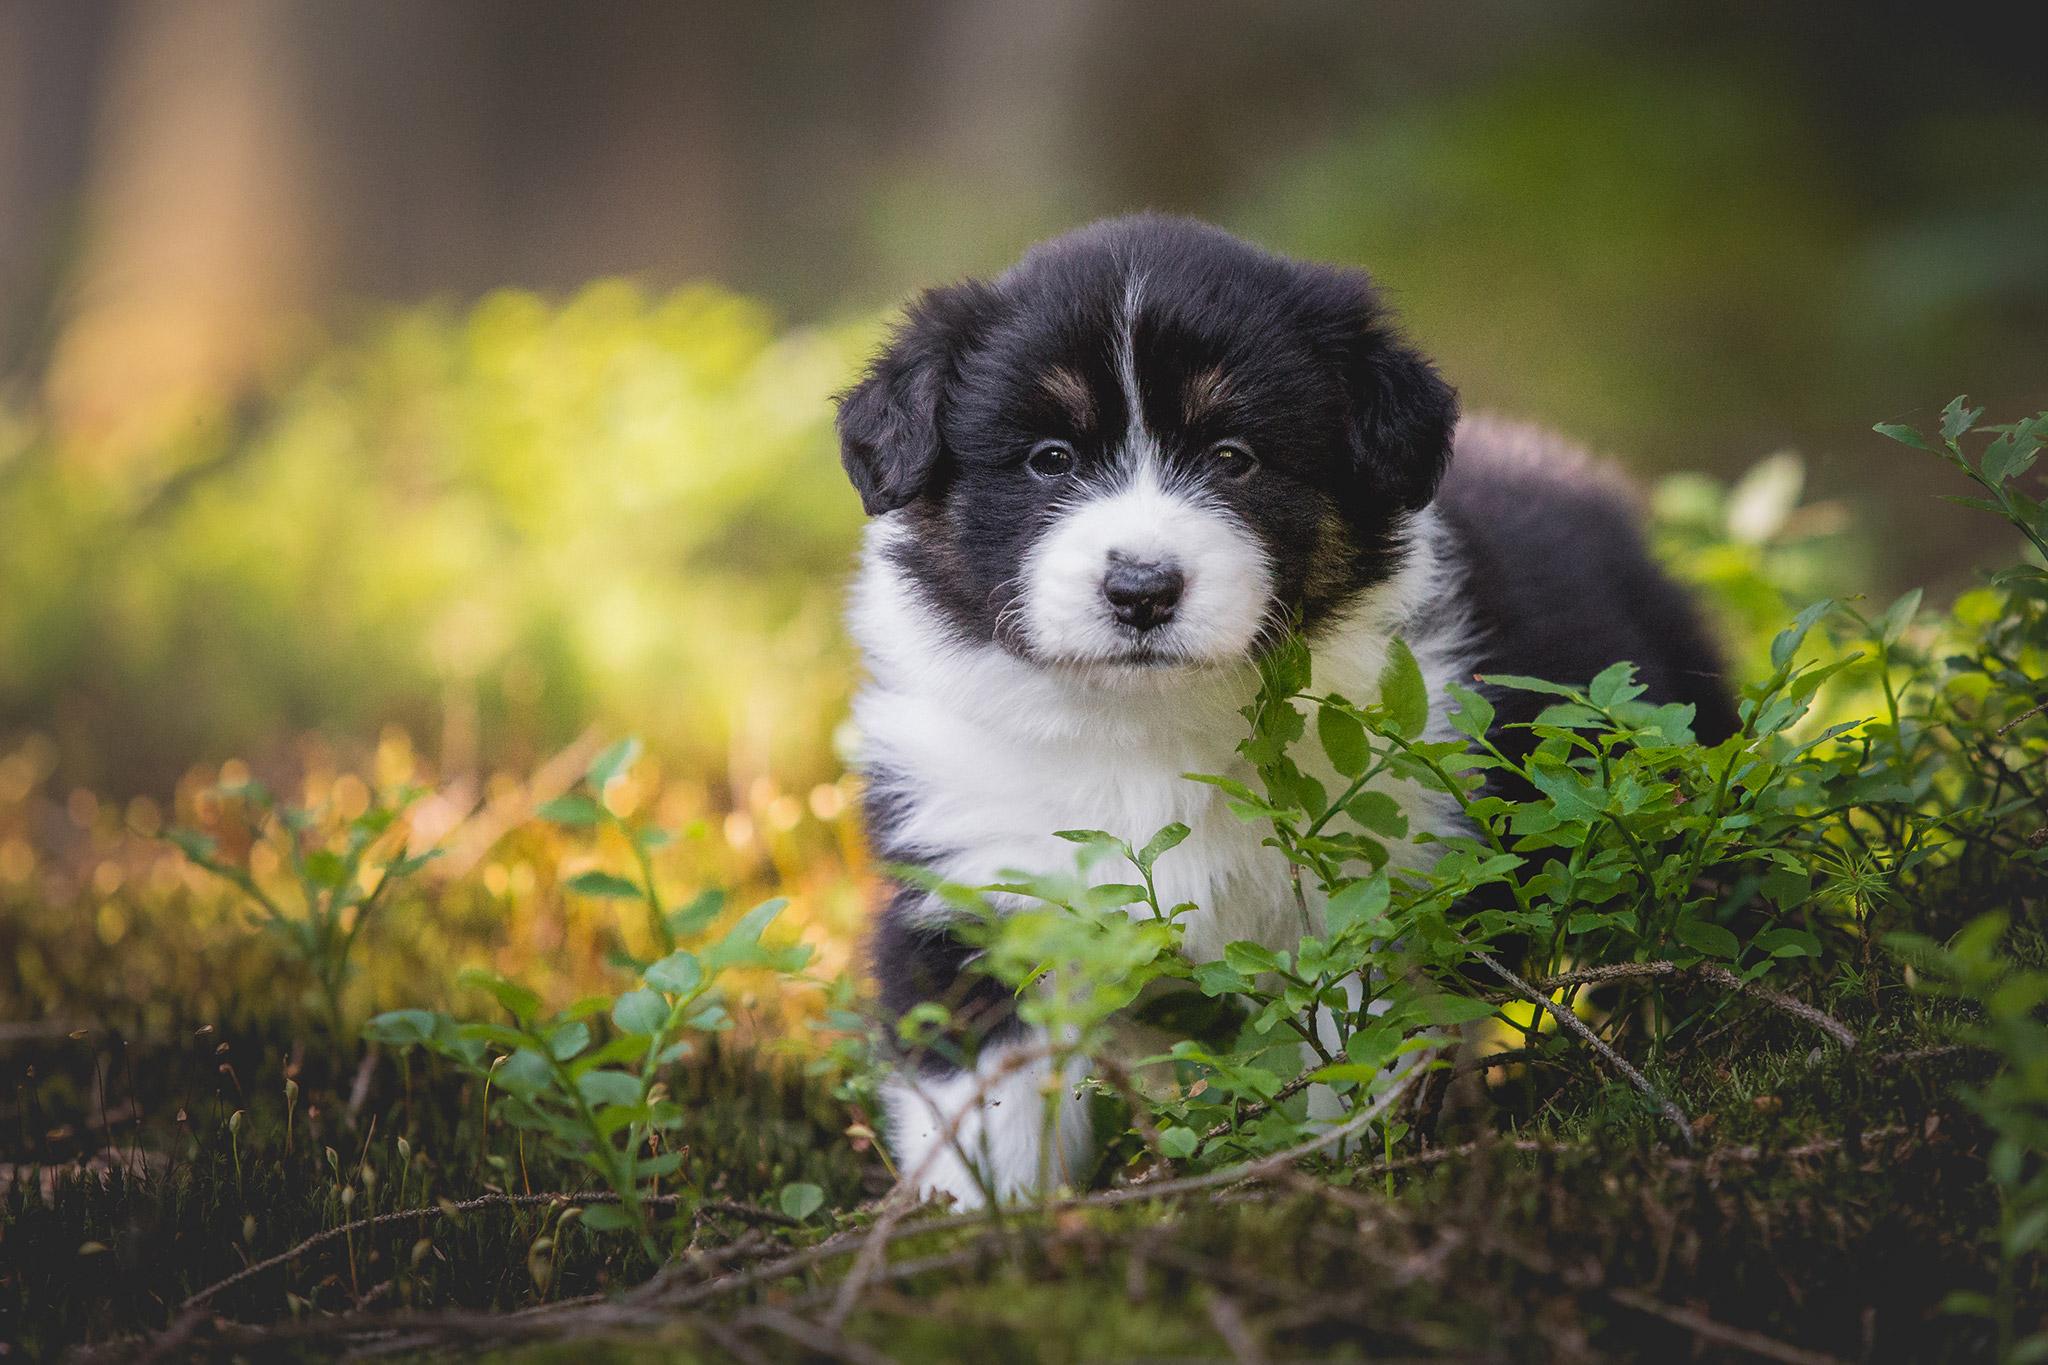 Fünf Wochen alter Border Collie Welpe bei einem Ausflug in den Wald